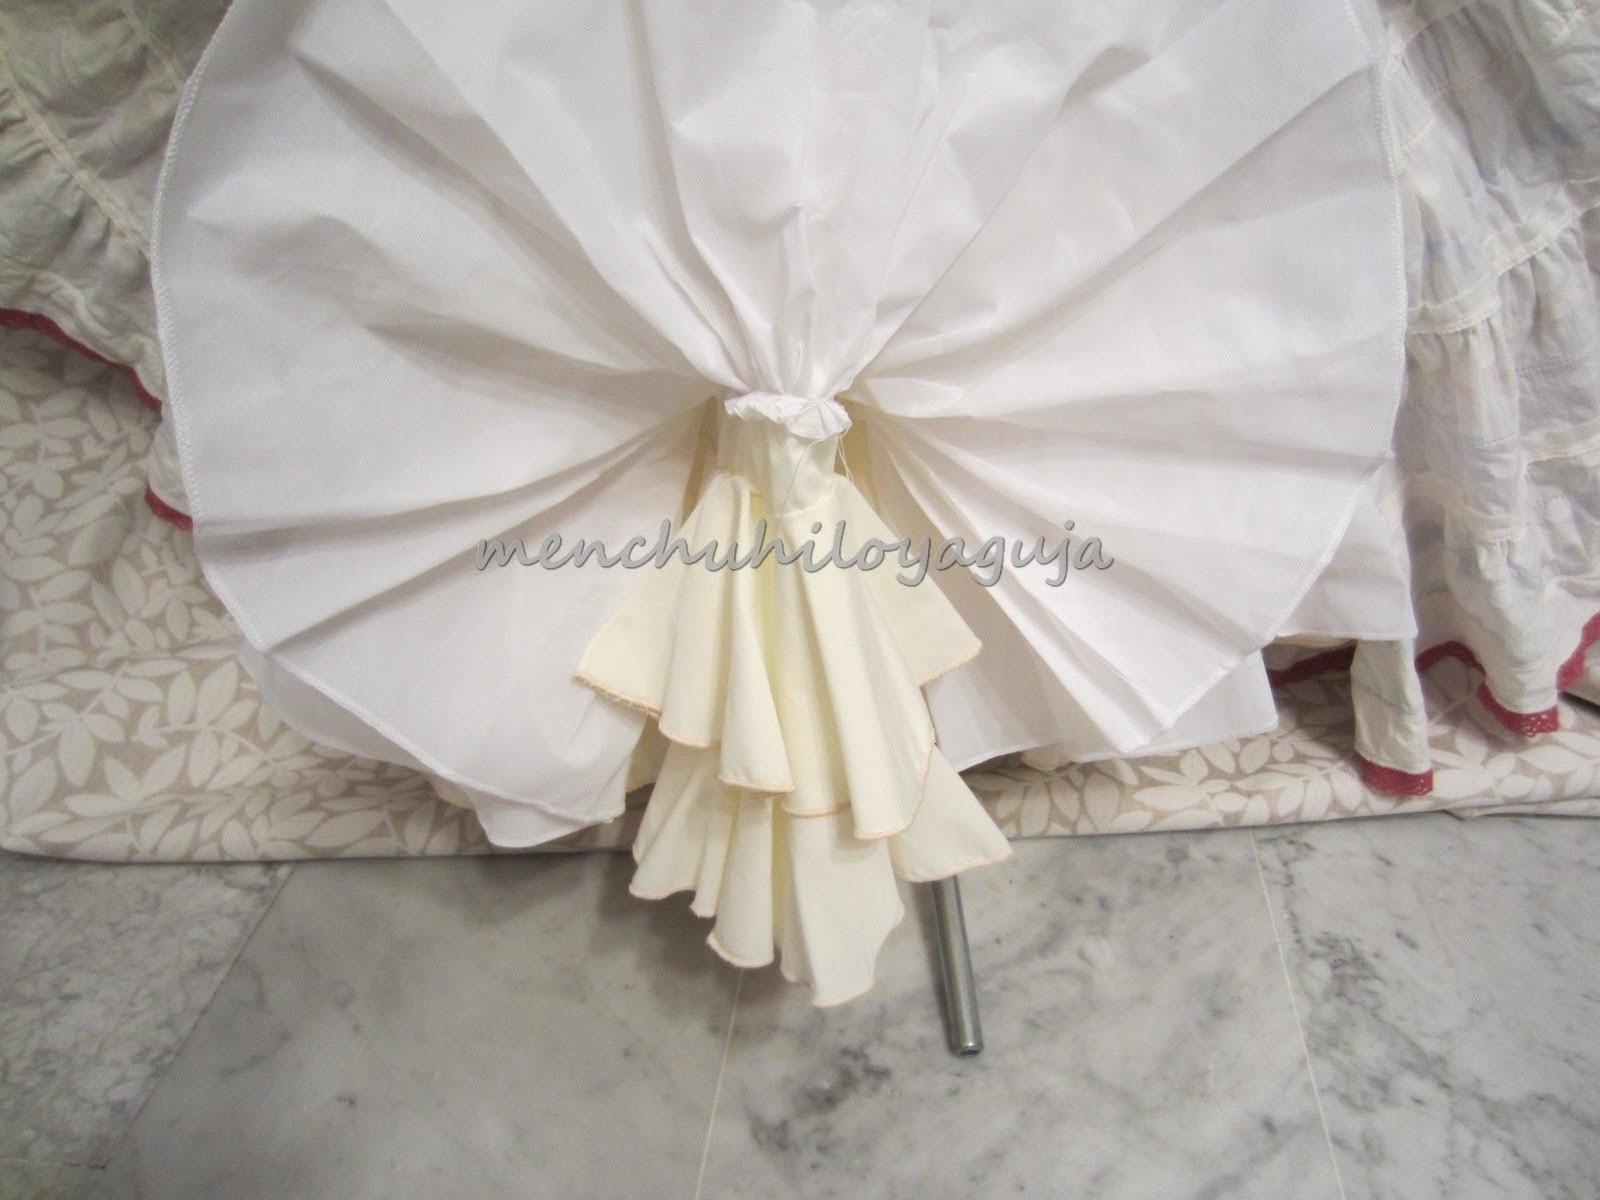 79a320a029 Y las mangas forradas por un volante de la tela del vestido y terminado con  un volante canastero.